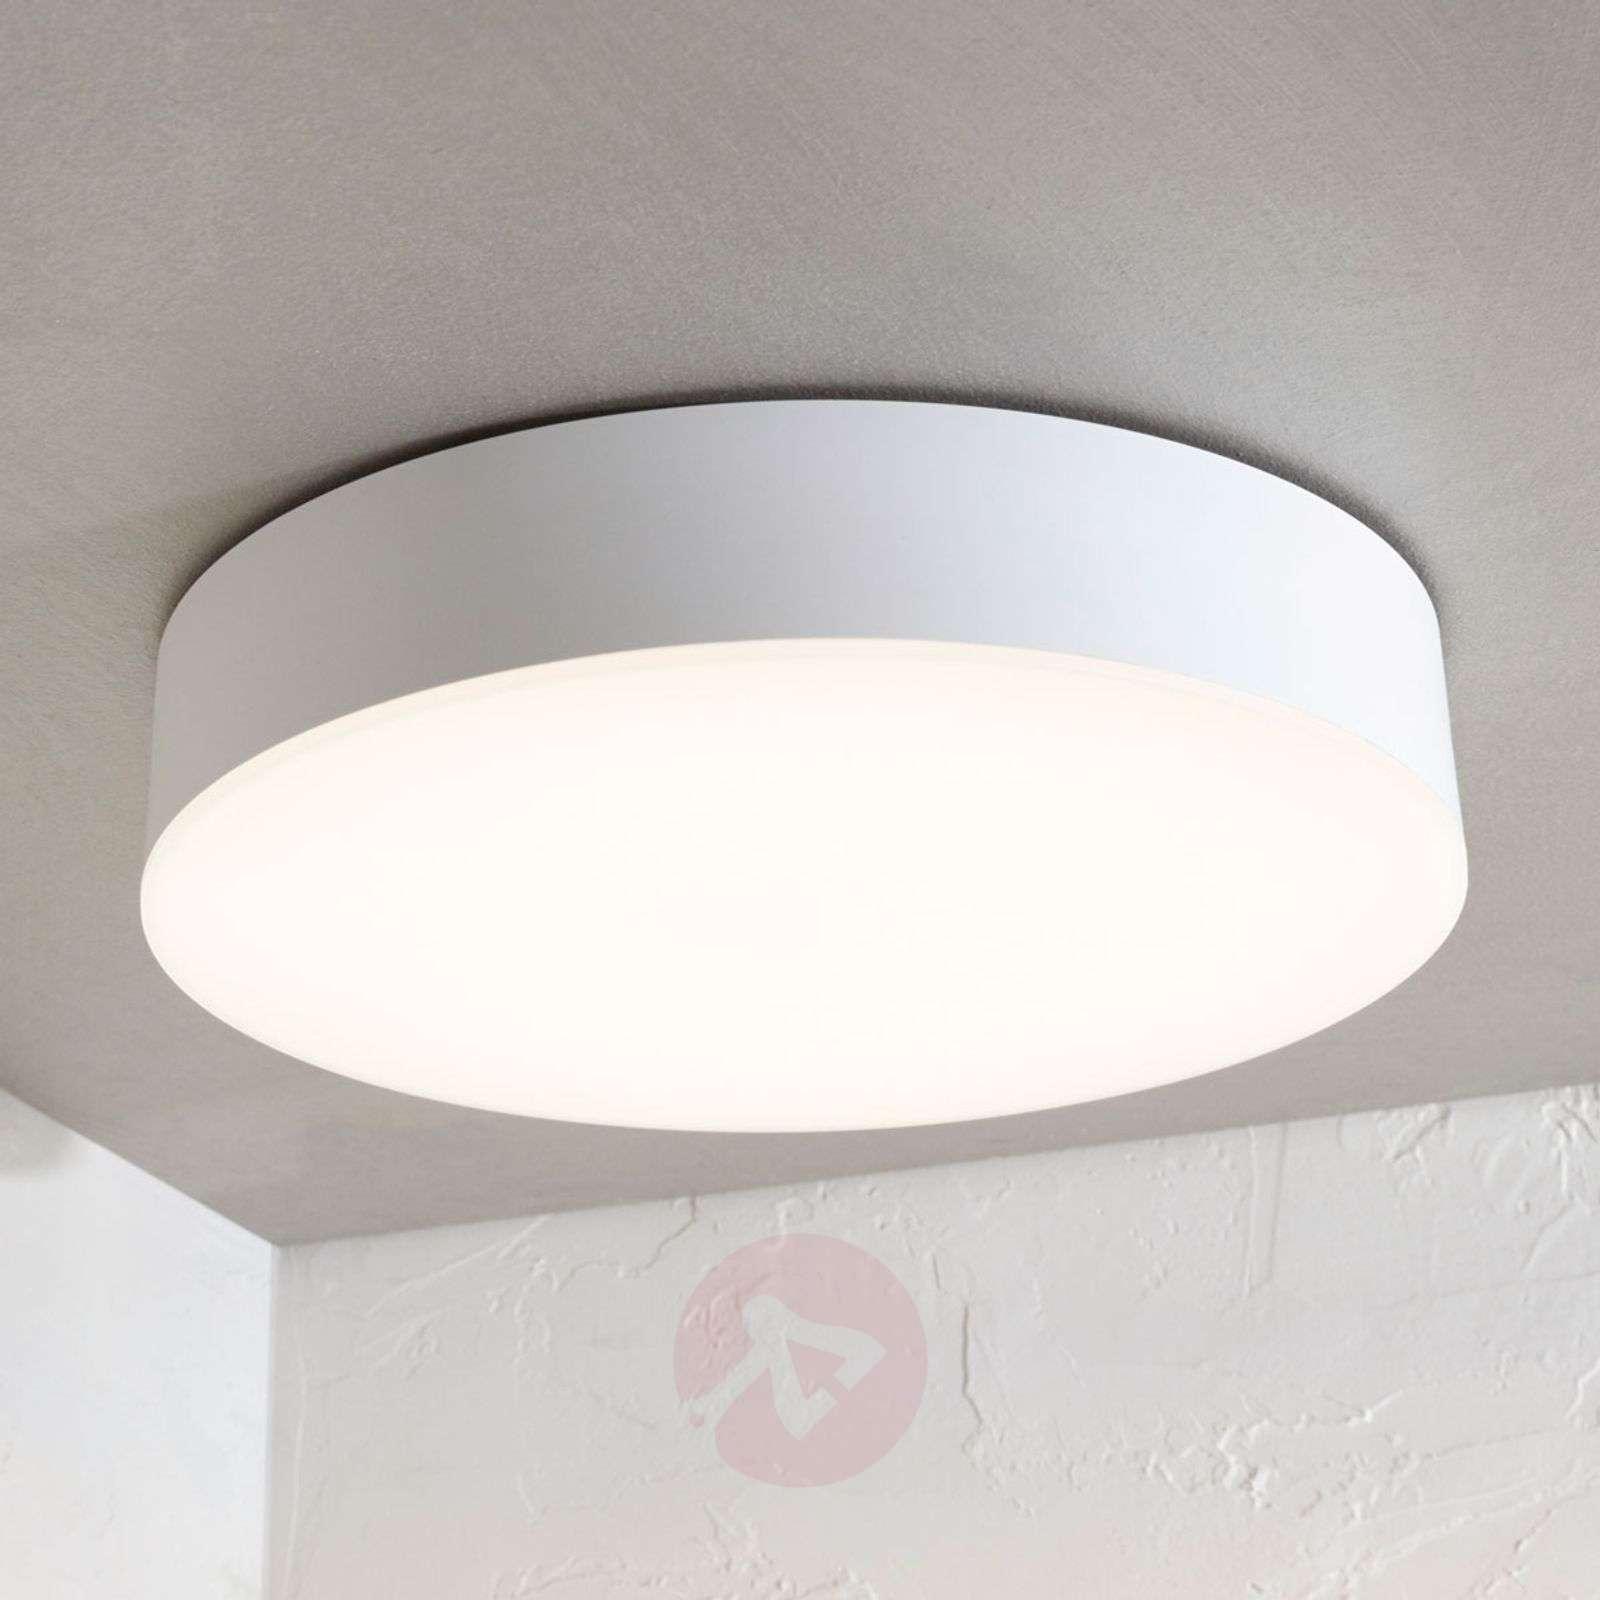 LED-ulkokattovalaisin Lahja, IP65, valkoinen-9949015-01